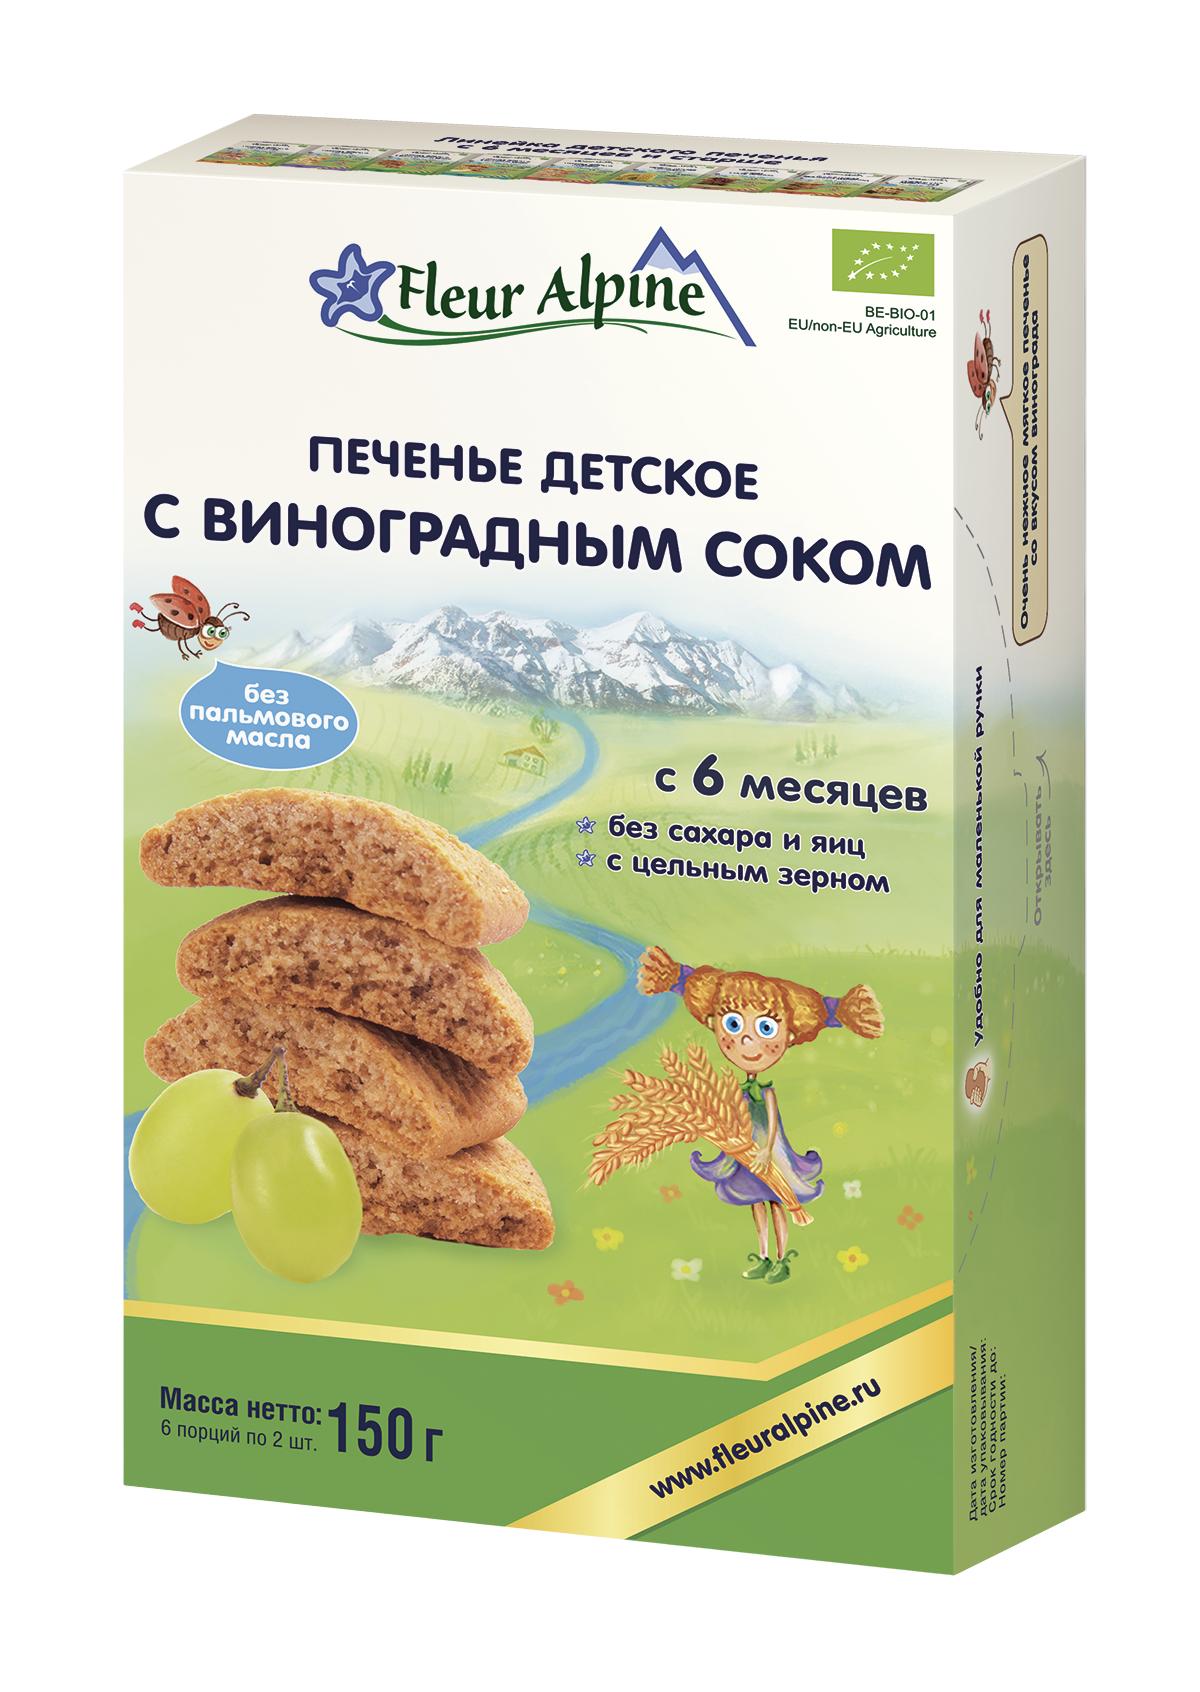 Печенье детское Fleur Alpine Органик с виноградным соком, 6 мес., 150/6